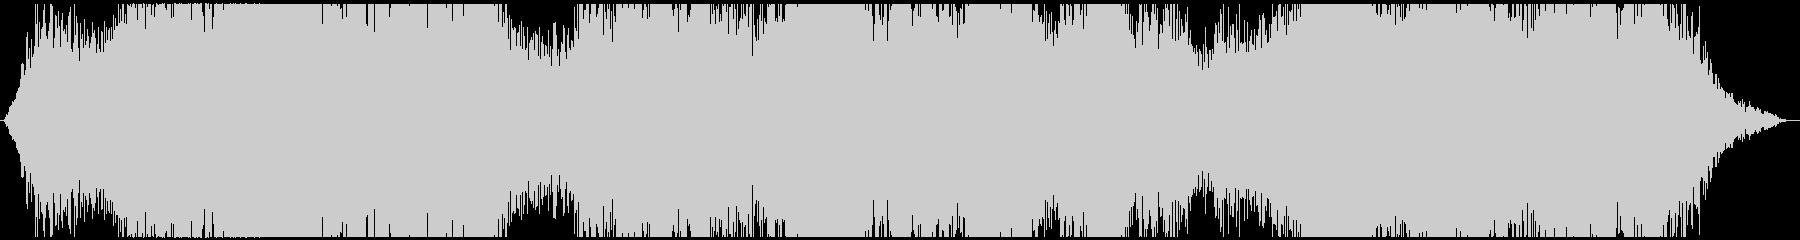 ドローン ムービングエアロー01の未再生の波形